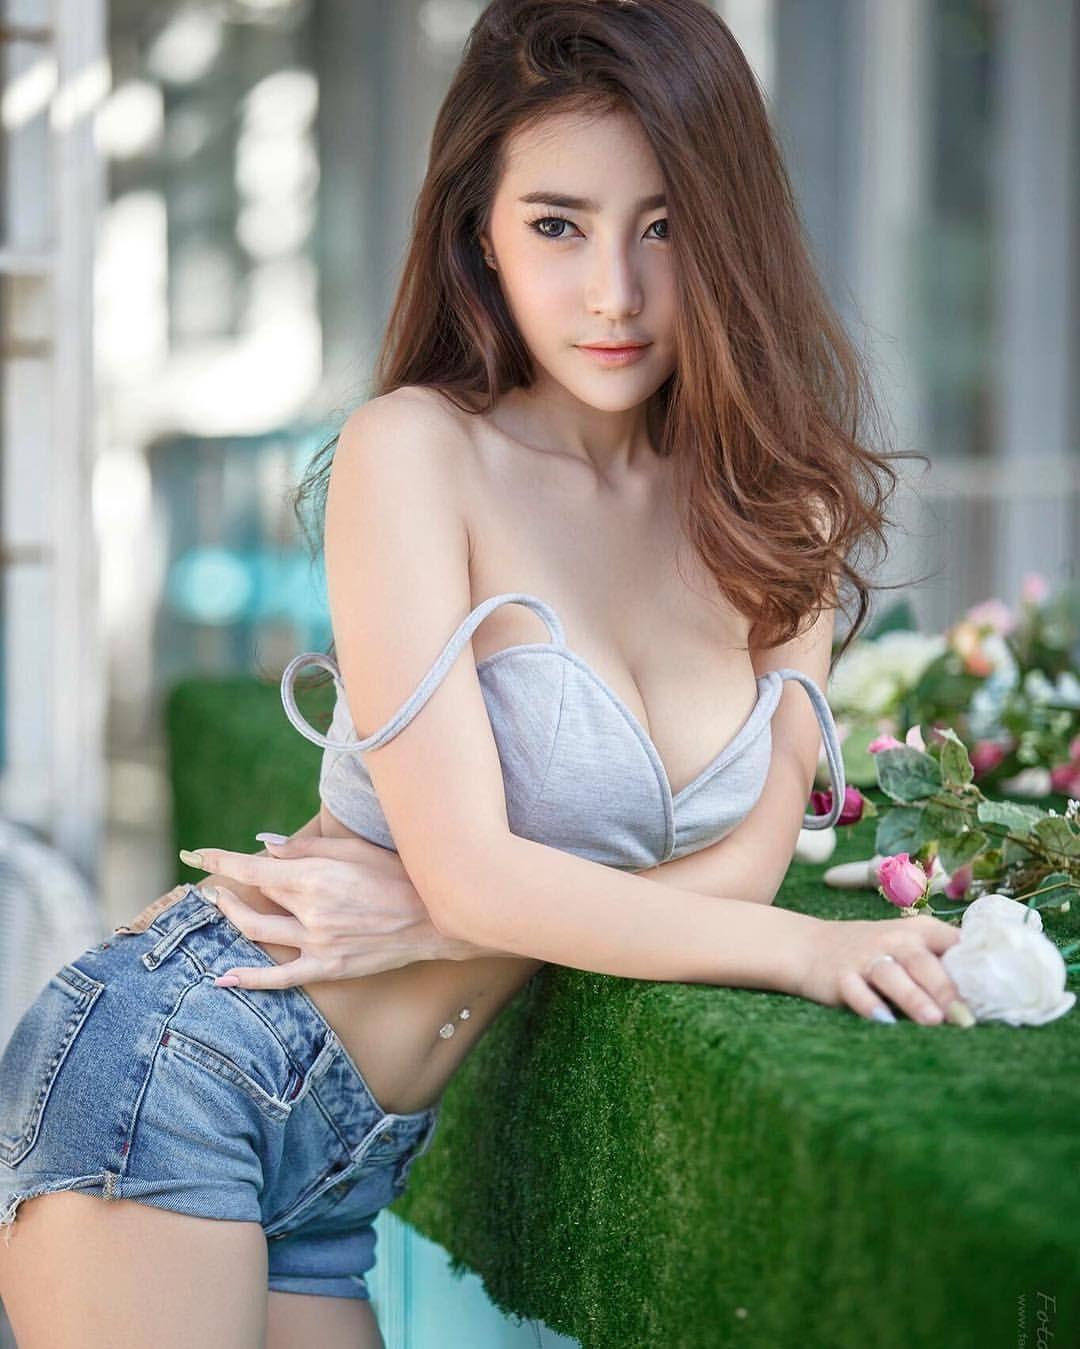 Sexy slutty thai babe strips for tourist in hotel